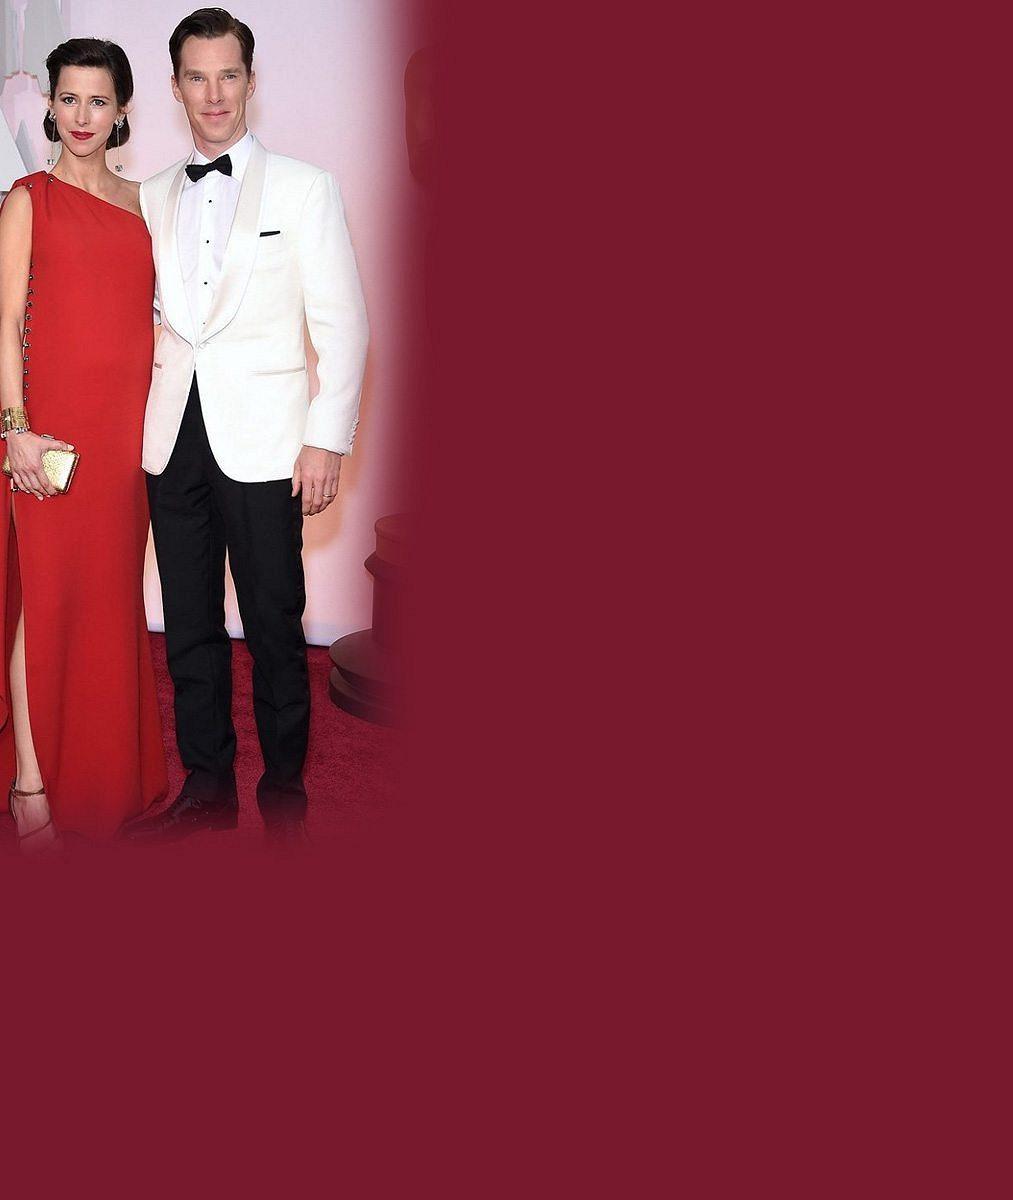 Benedict Cumberbatch vyrazil na líbánky: Jeho manželka odložila v pokročilém stadiu těhotenství podprsenku